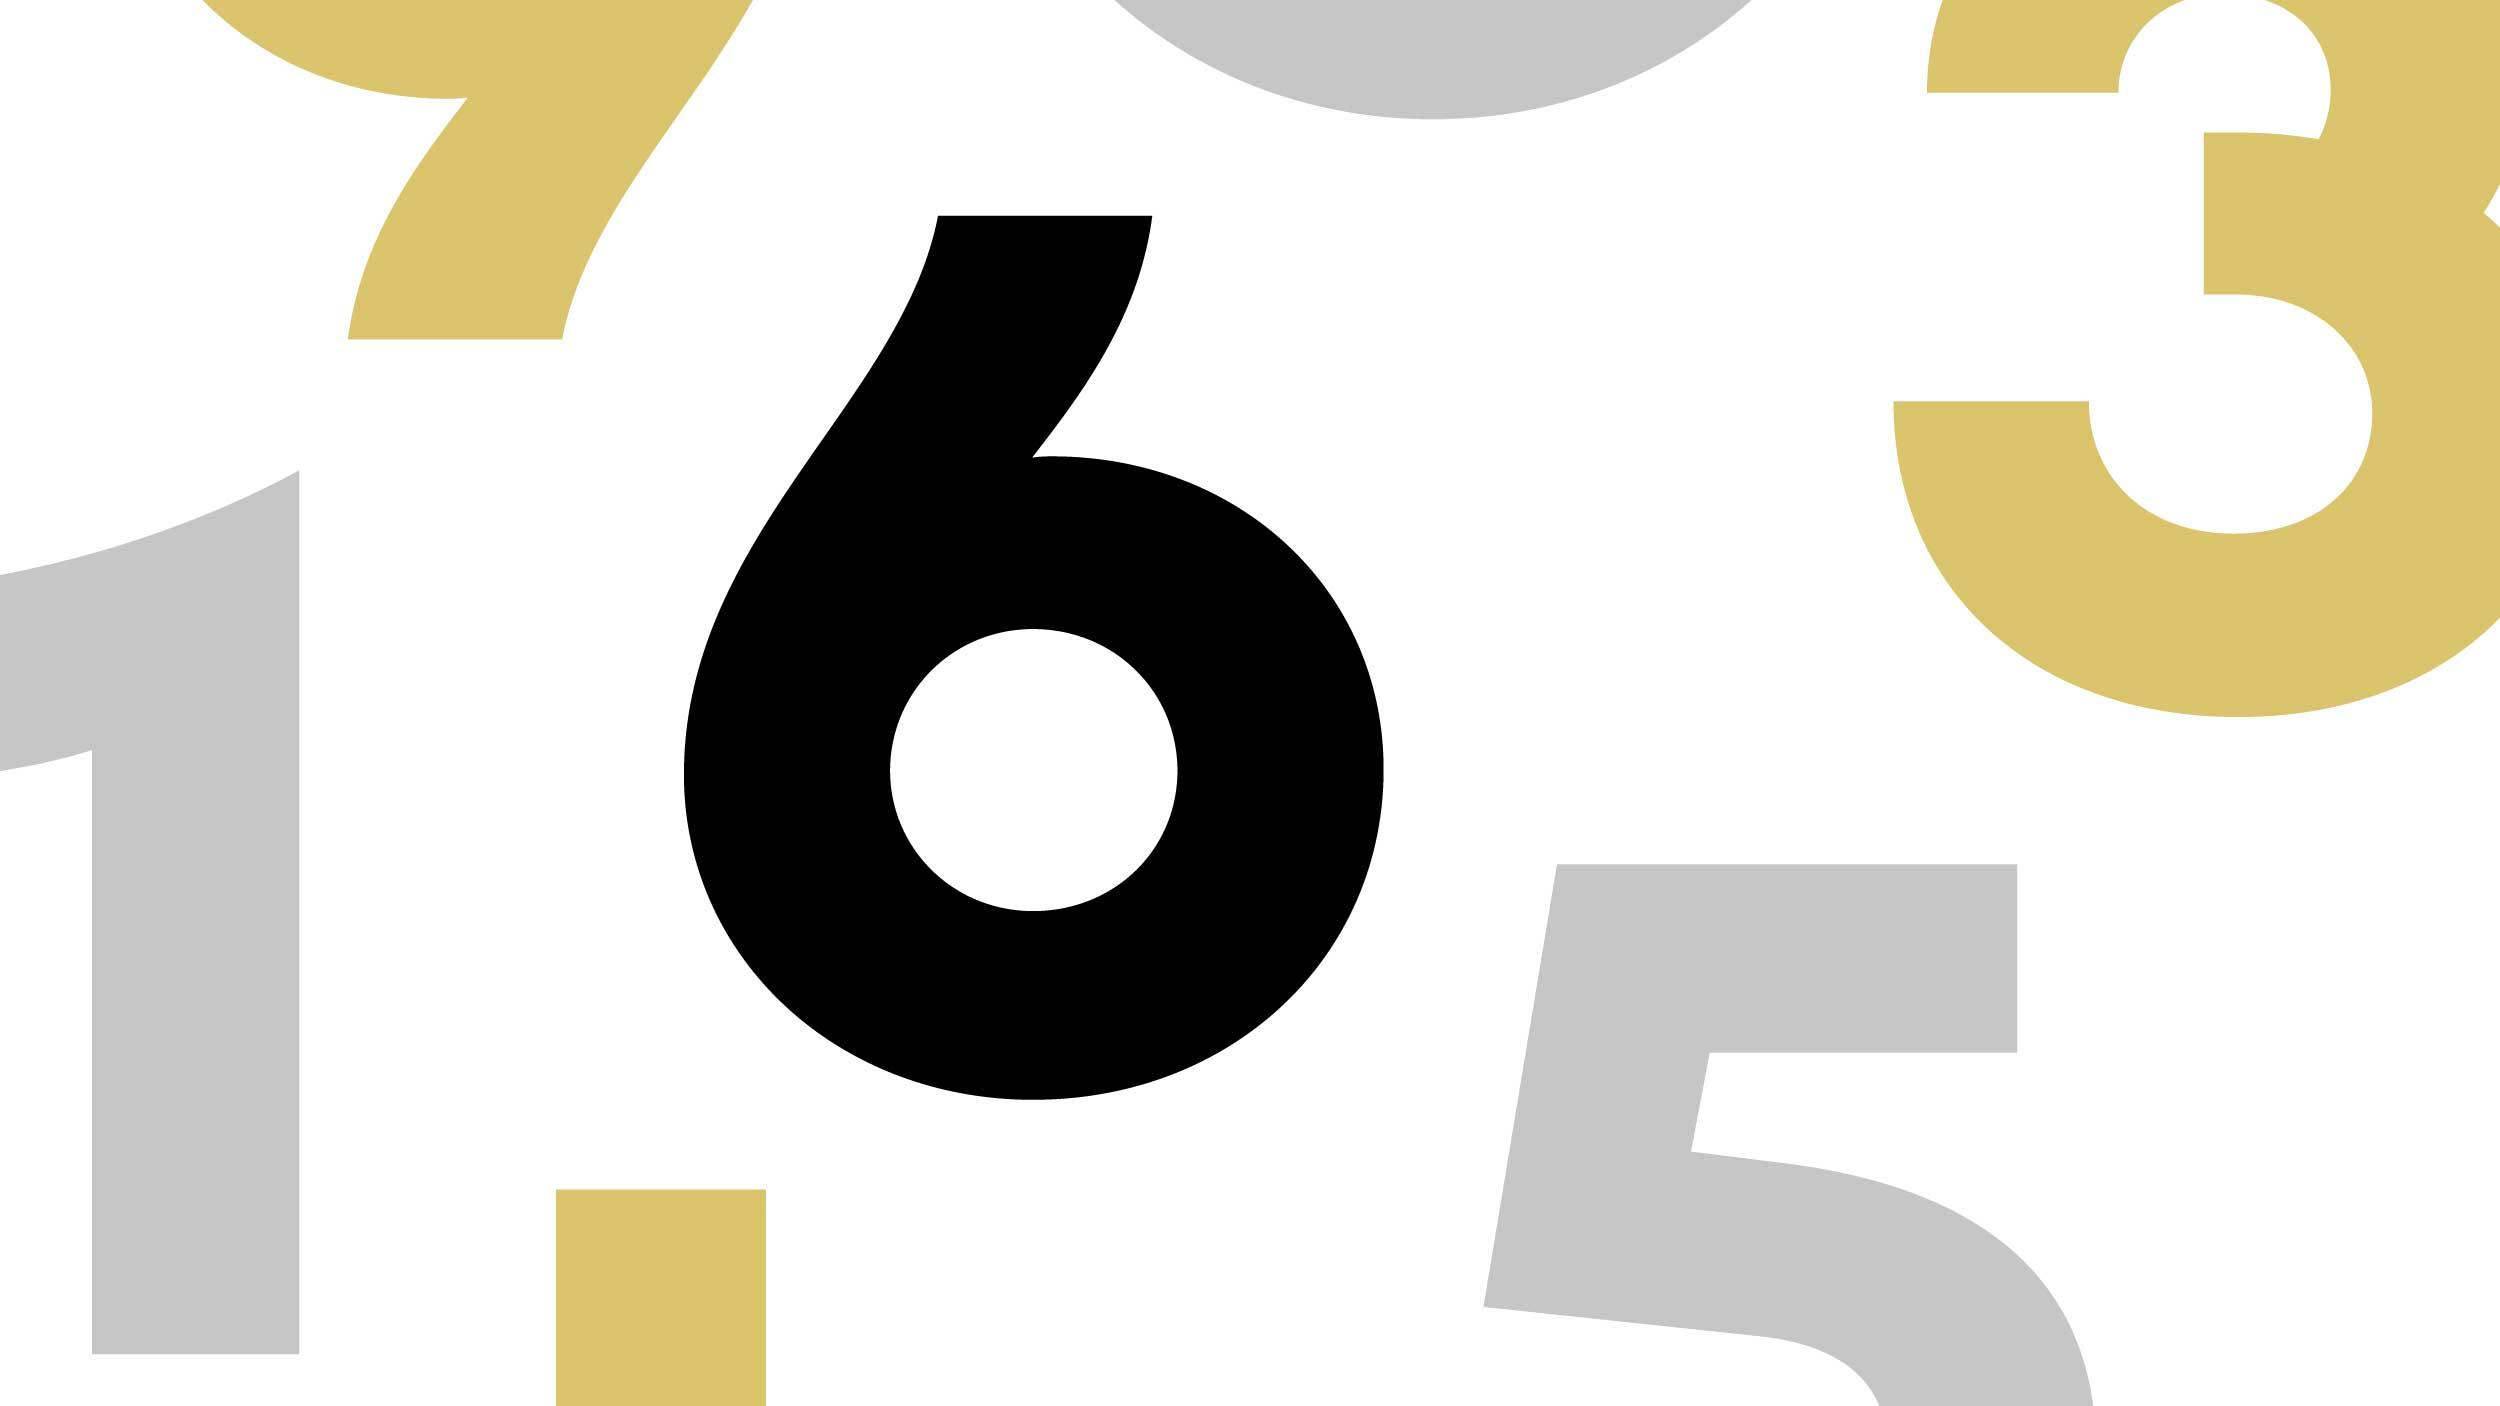 typo-ecobranding-numbers